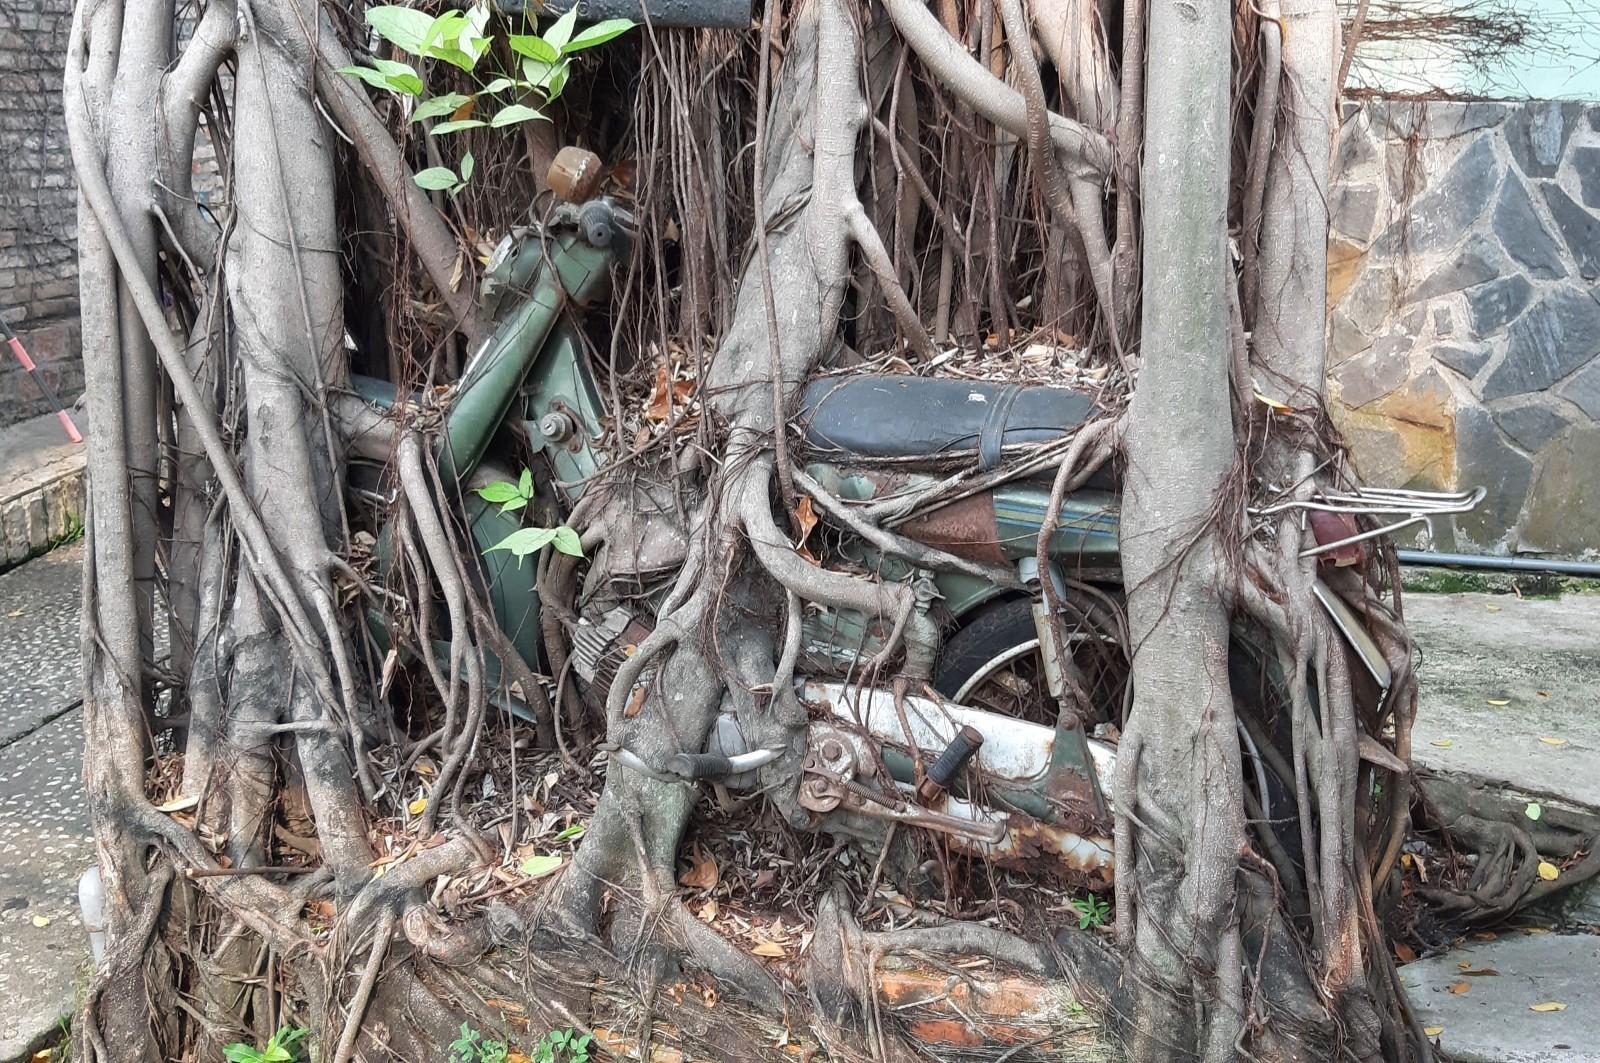 Đu đủ 'mang bầu', bò 6 chân, rủ nhau đi xem hiếm lạ Việt Nam